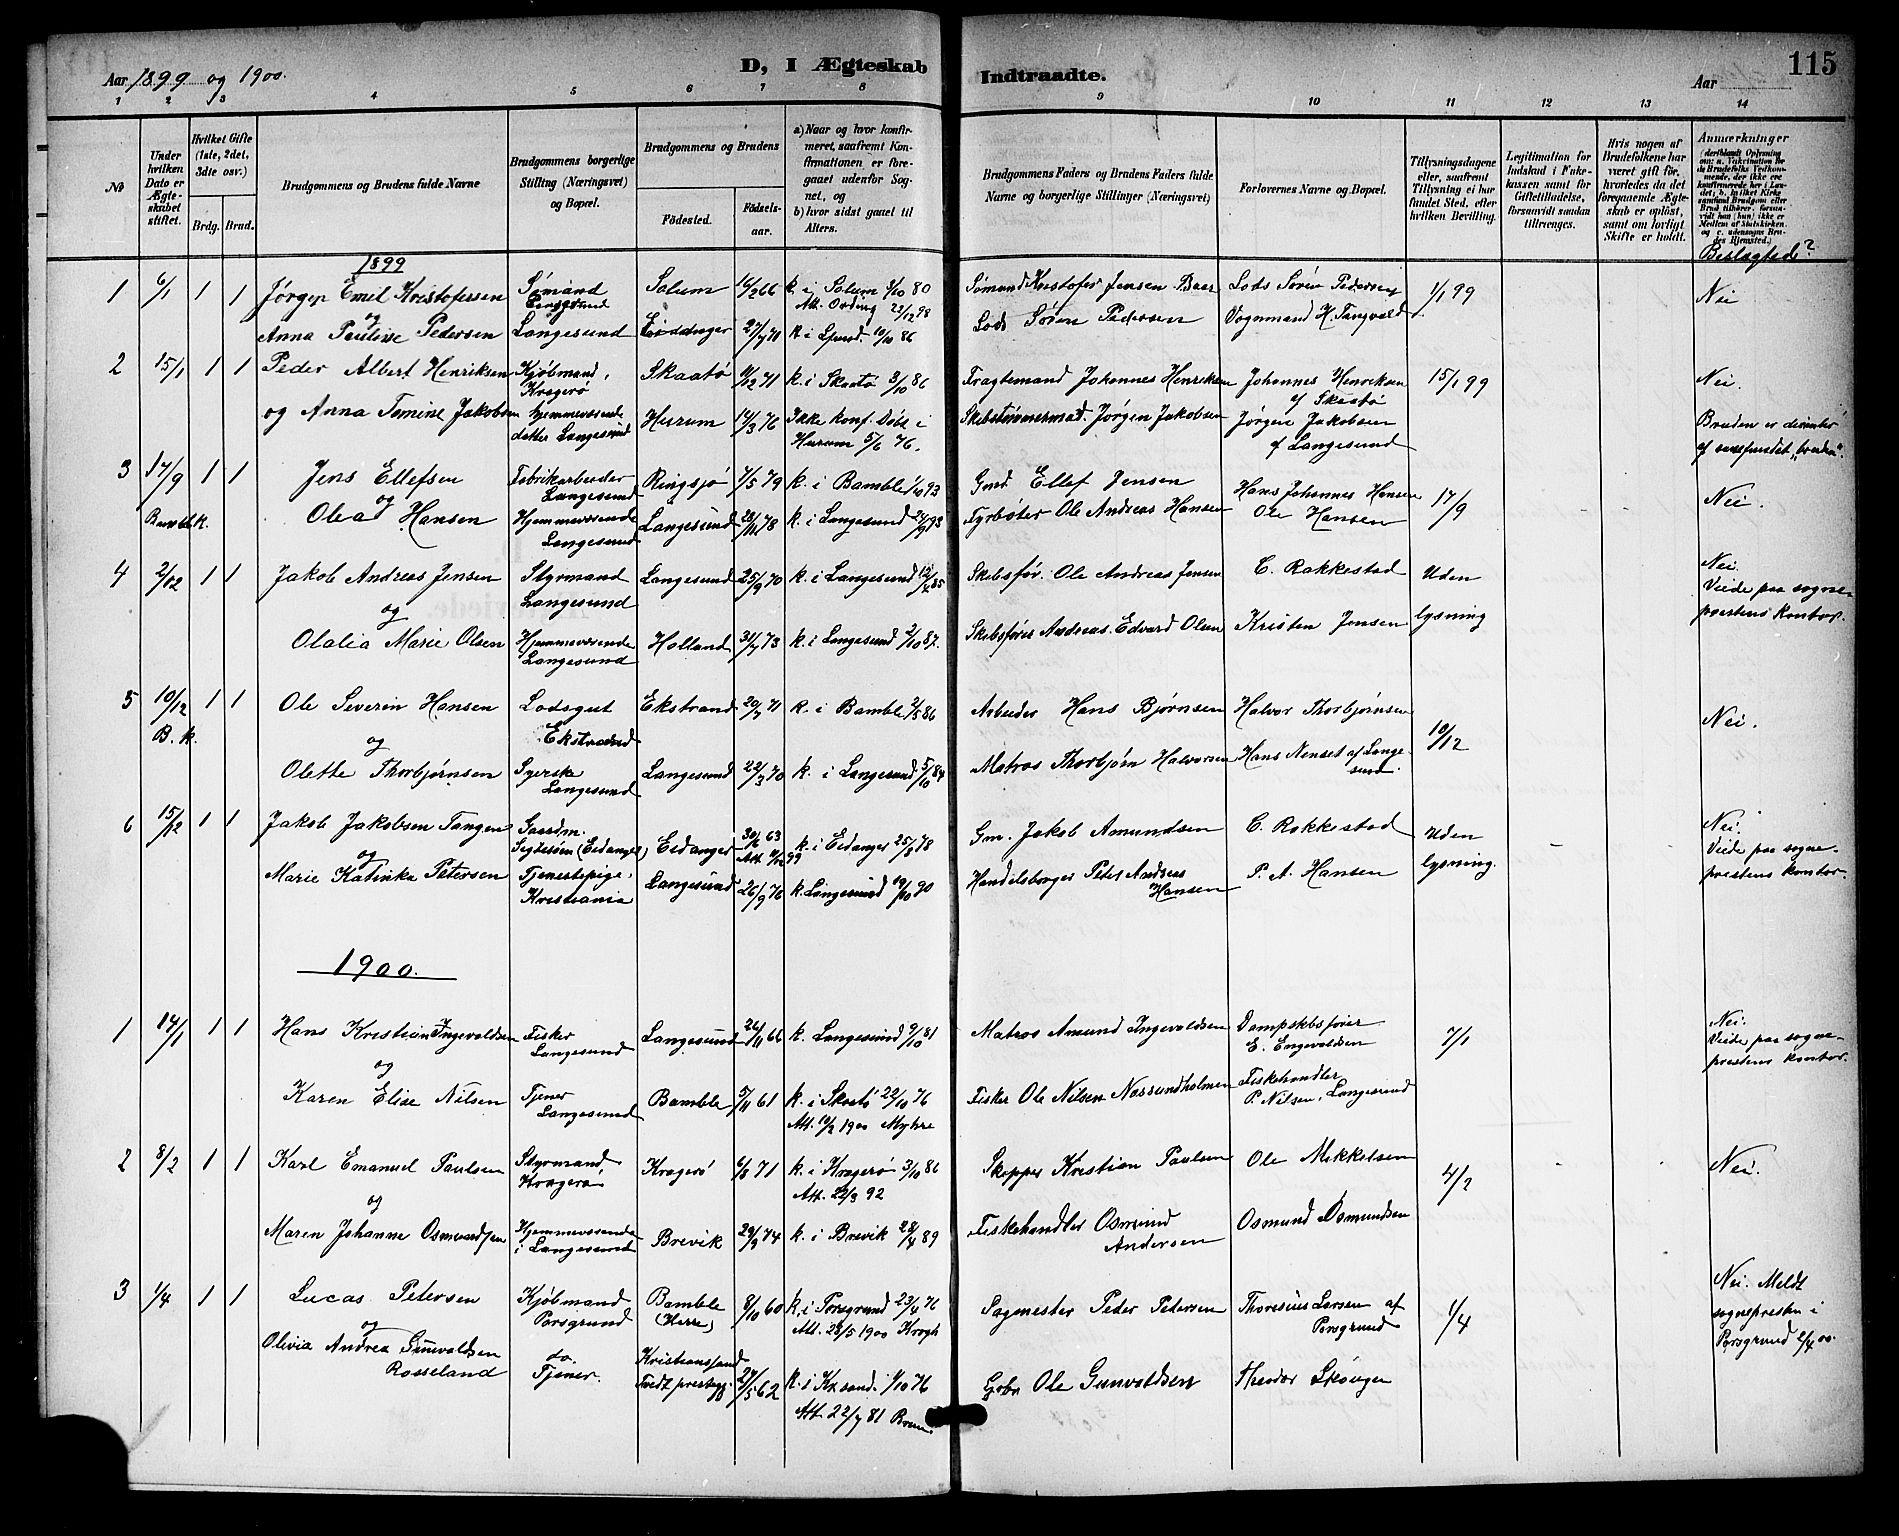 SAKO, Langesund kirkebøker, G/Ga/L0006: Klokkerbok nr. 6, 1899-1918, s. 115